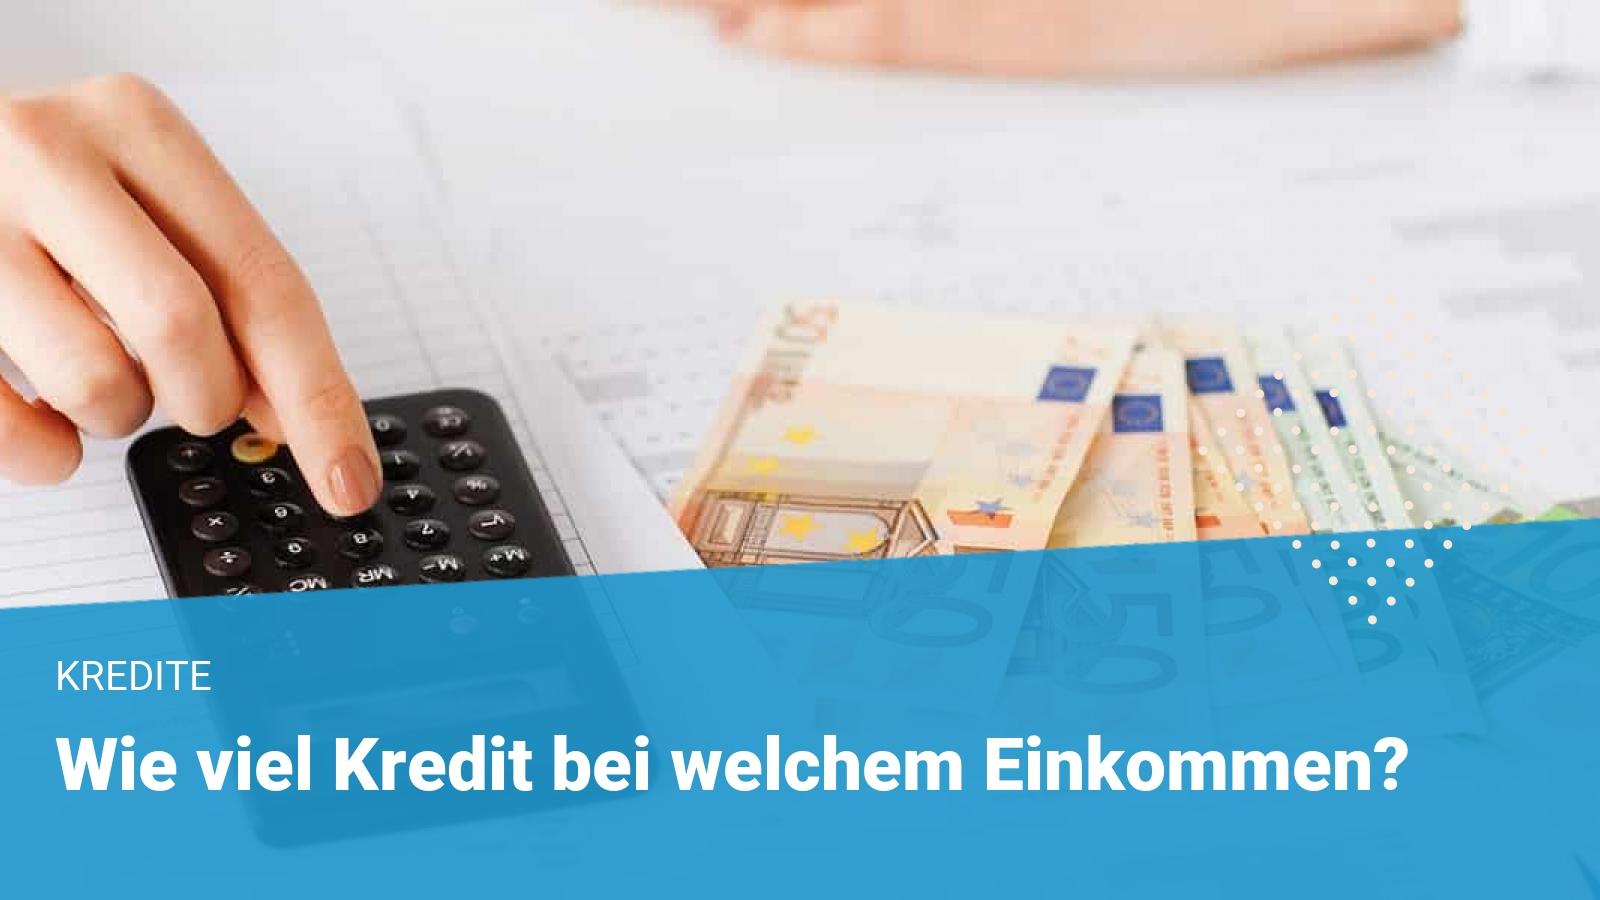 kredit-einkommen-min